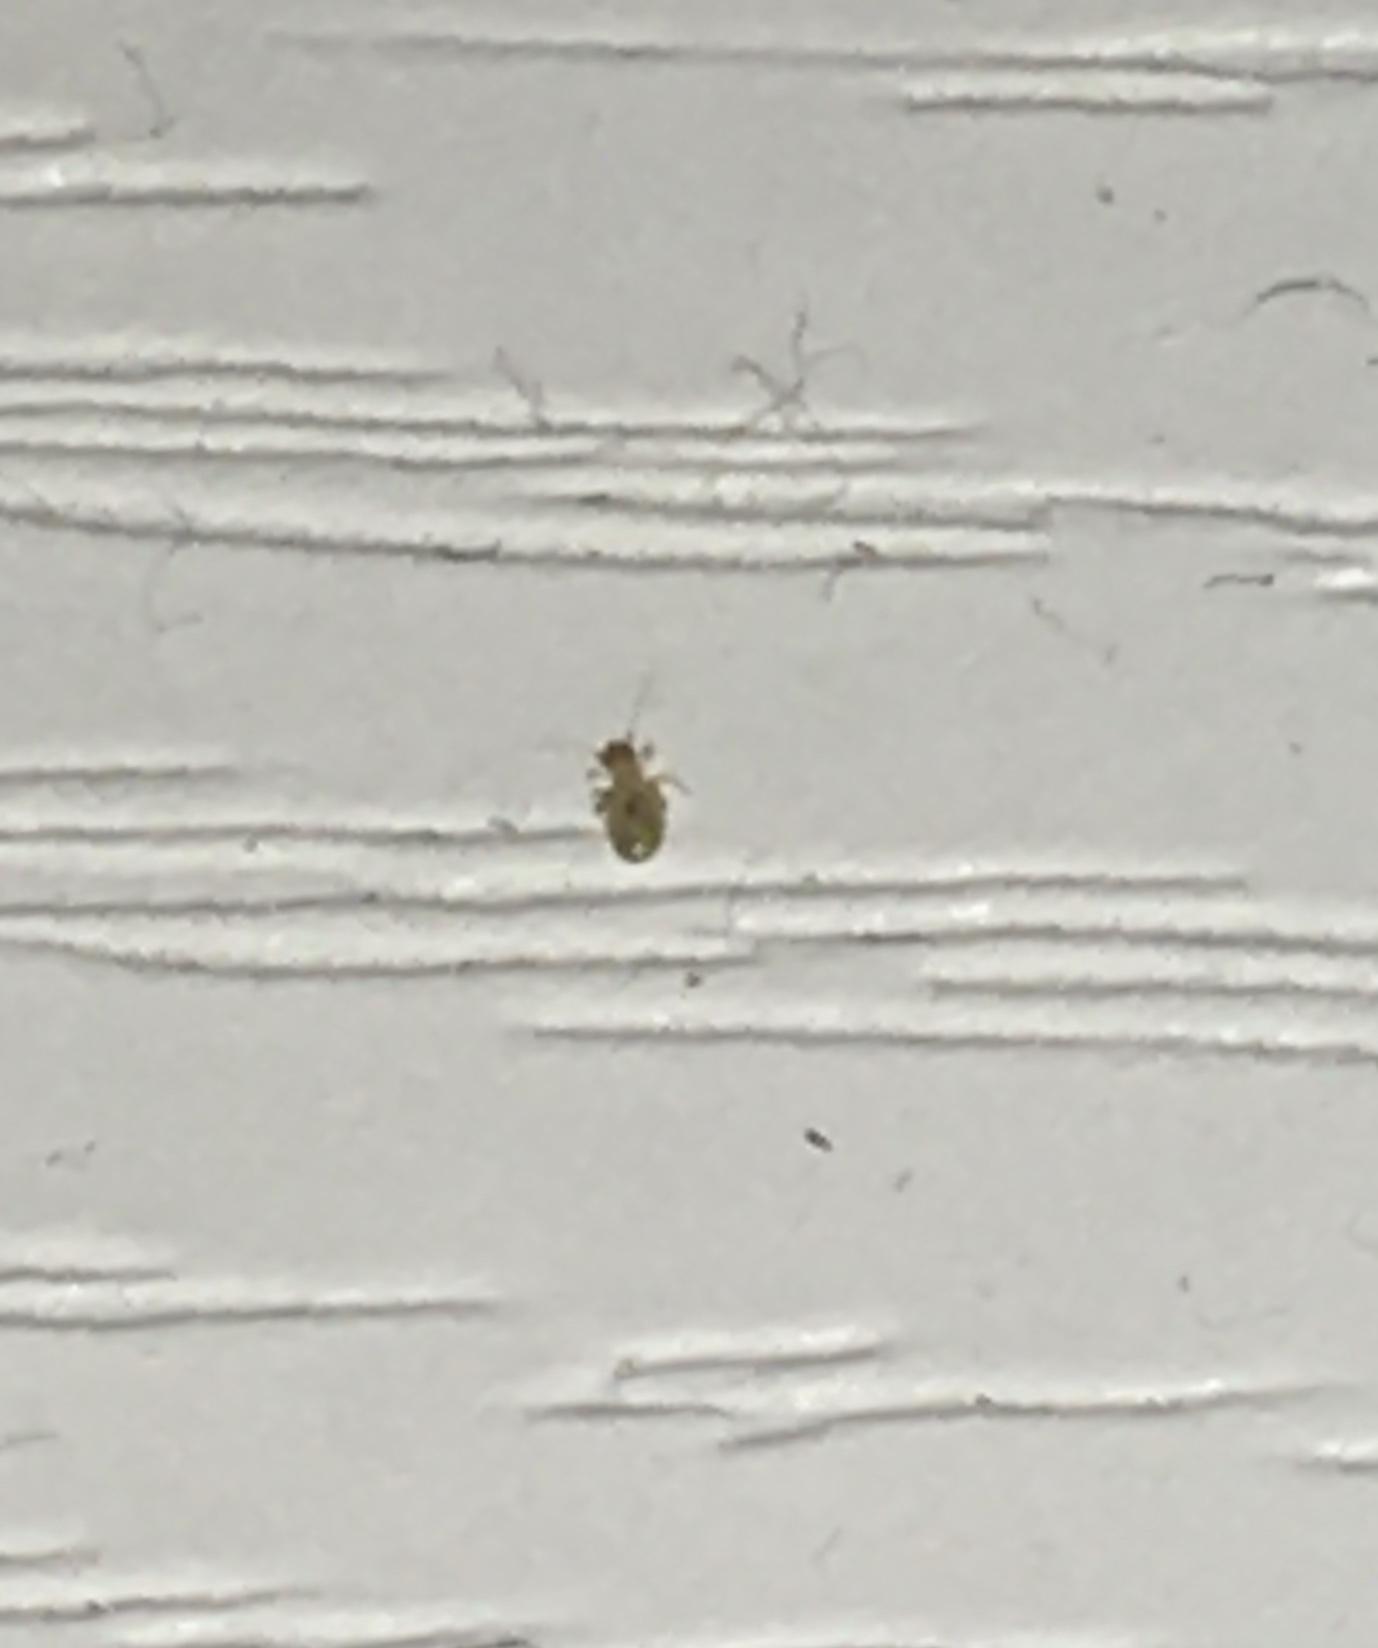 Che insetto è? Psocoptera da det.